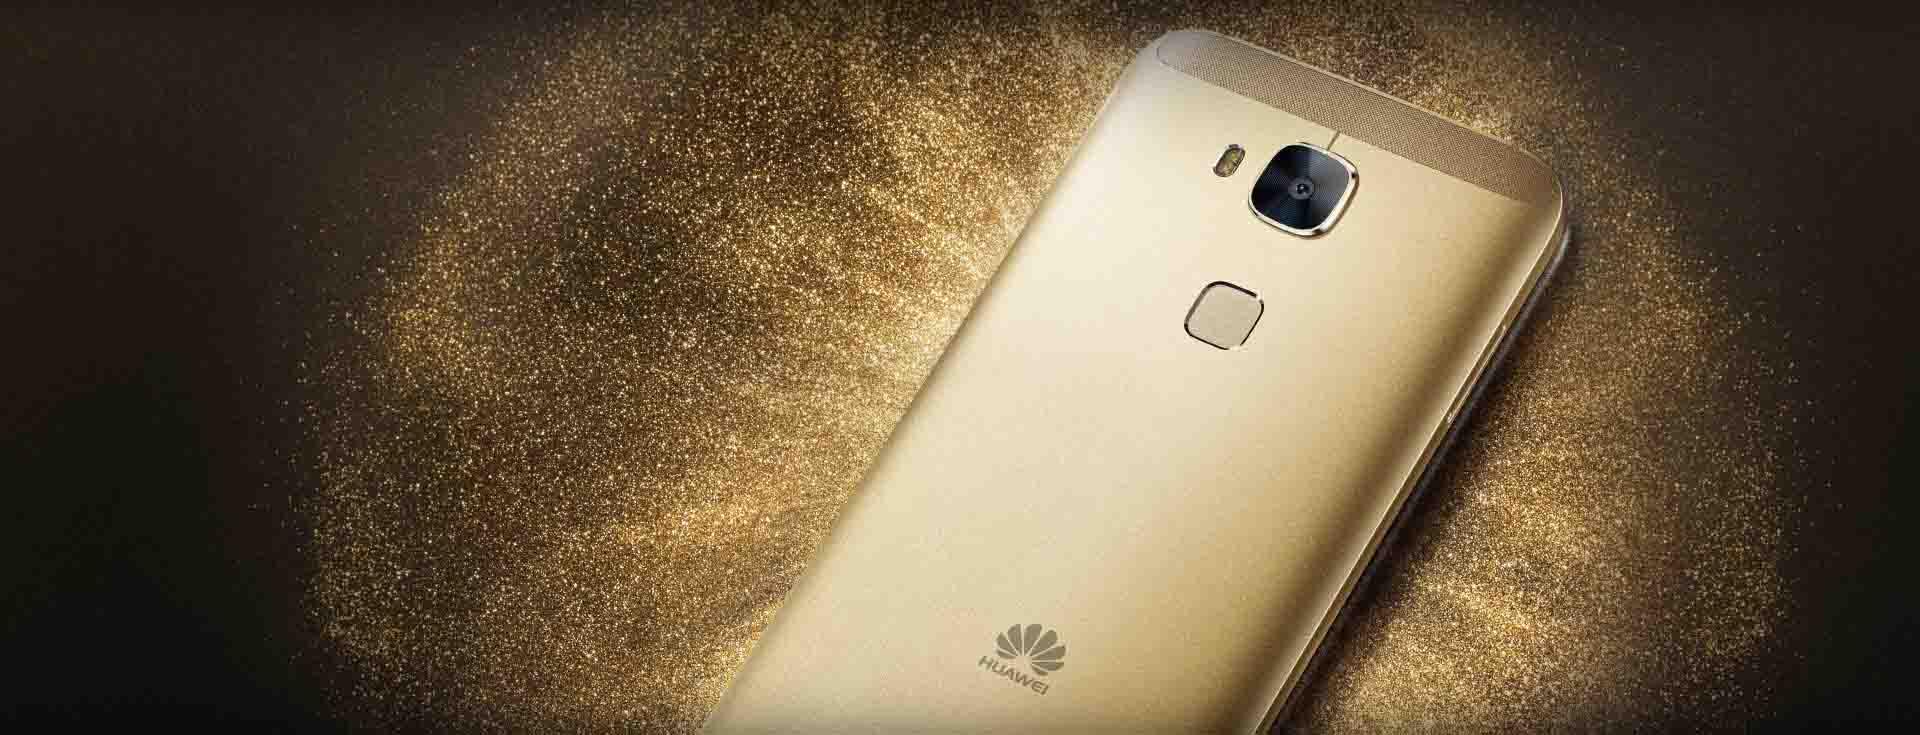 Huawei G8 Dual Sim 4G Gold